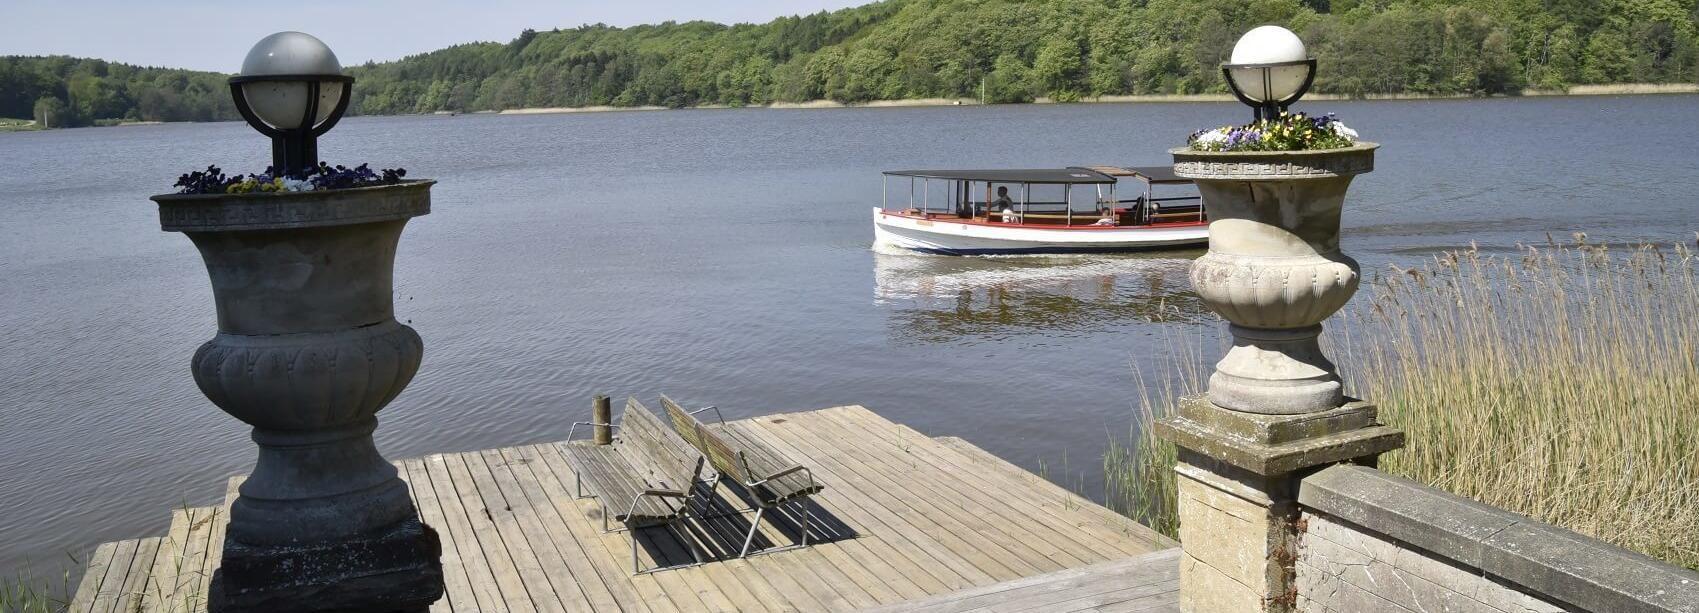 Lago Bagsværd: Baadfarten Boat Ride